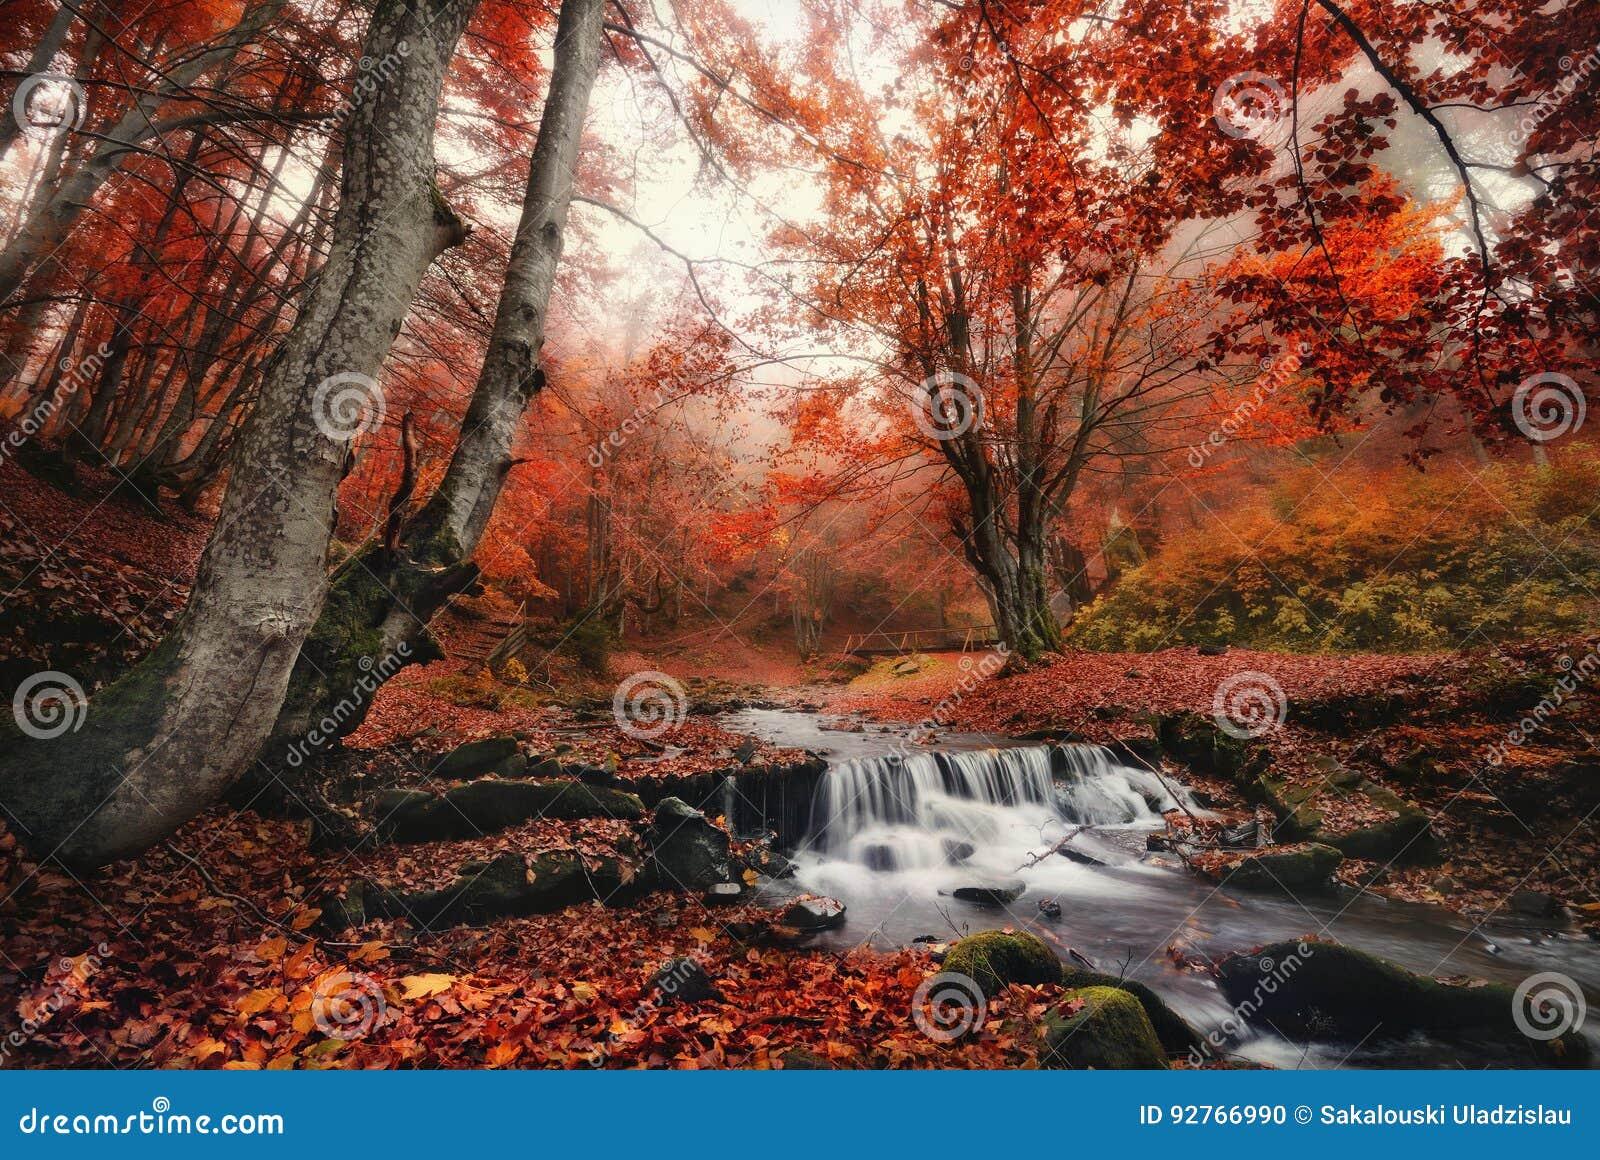 Autumn Forest Landscape With Beautiful Creek e ponte pequena Folhas encantados do vermelho de Autumn Foggy Beech Forest With e an